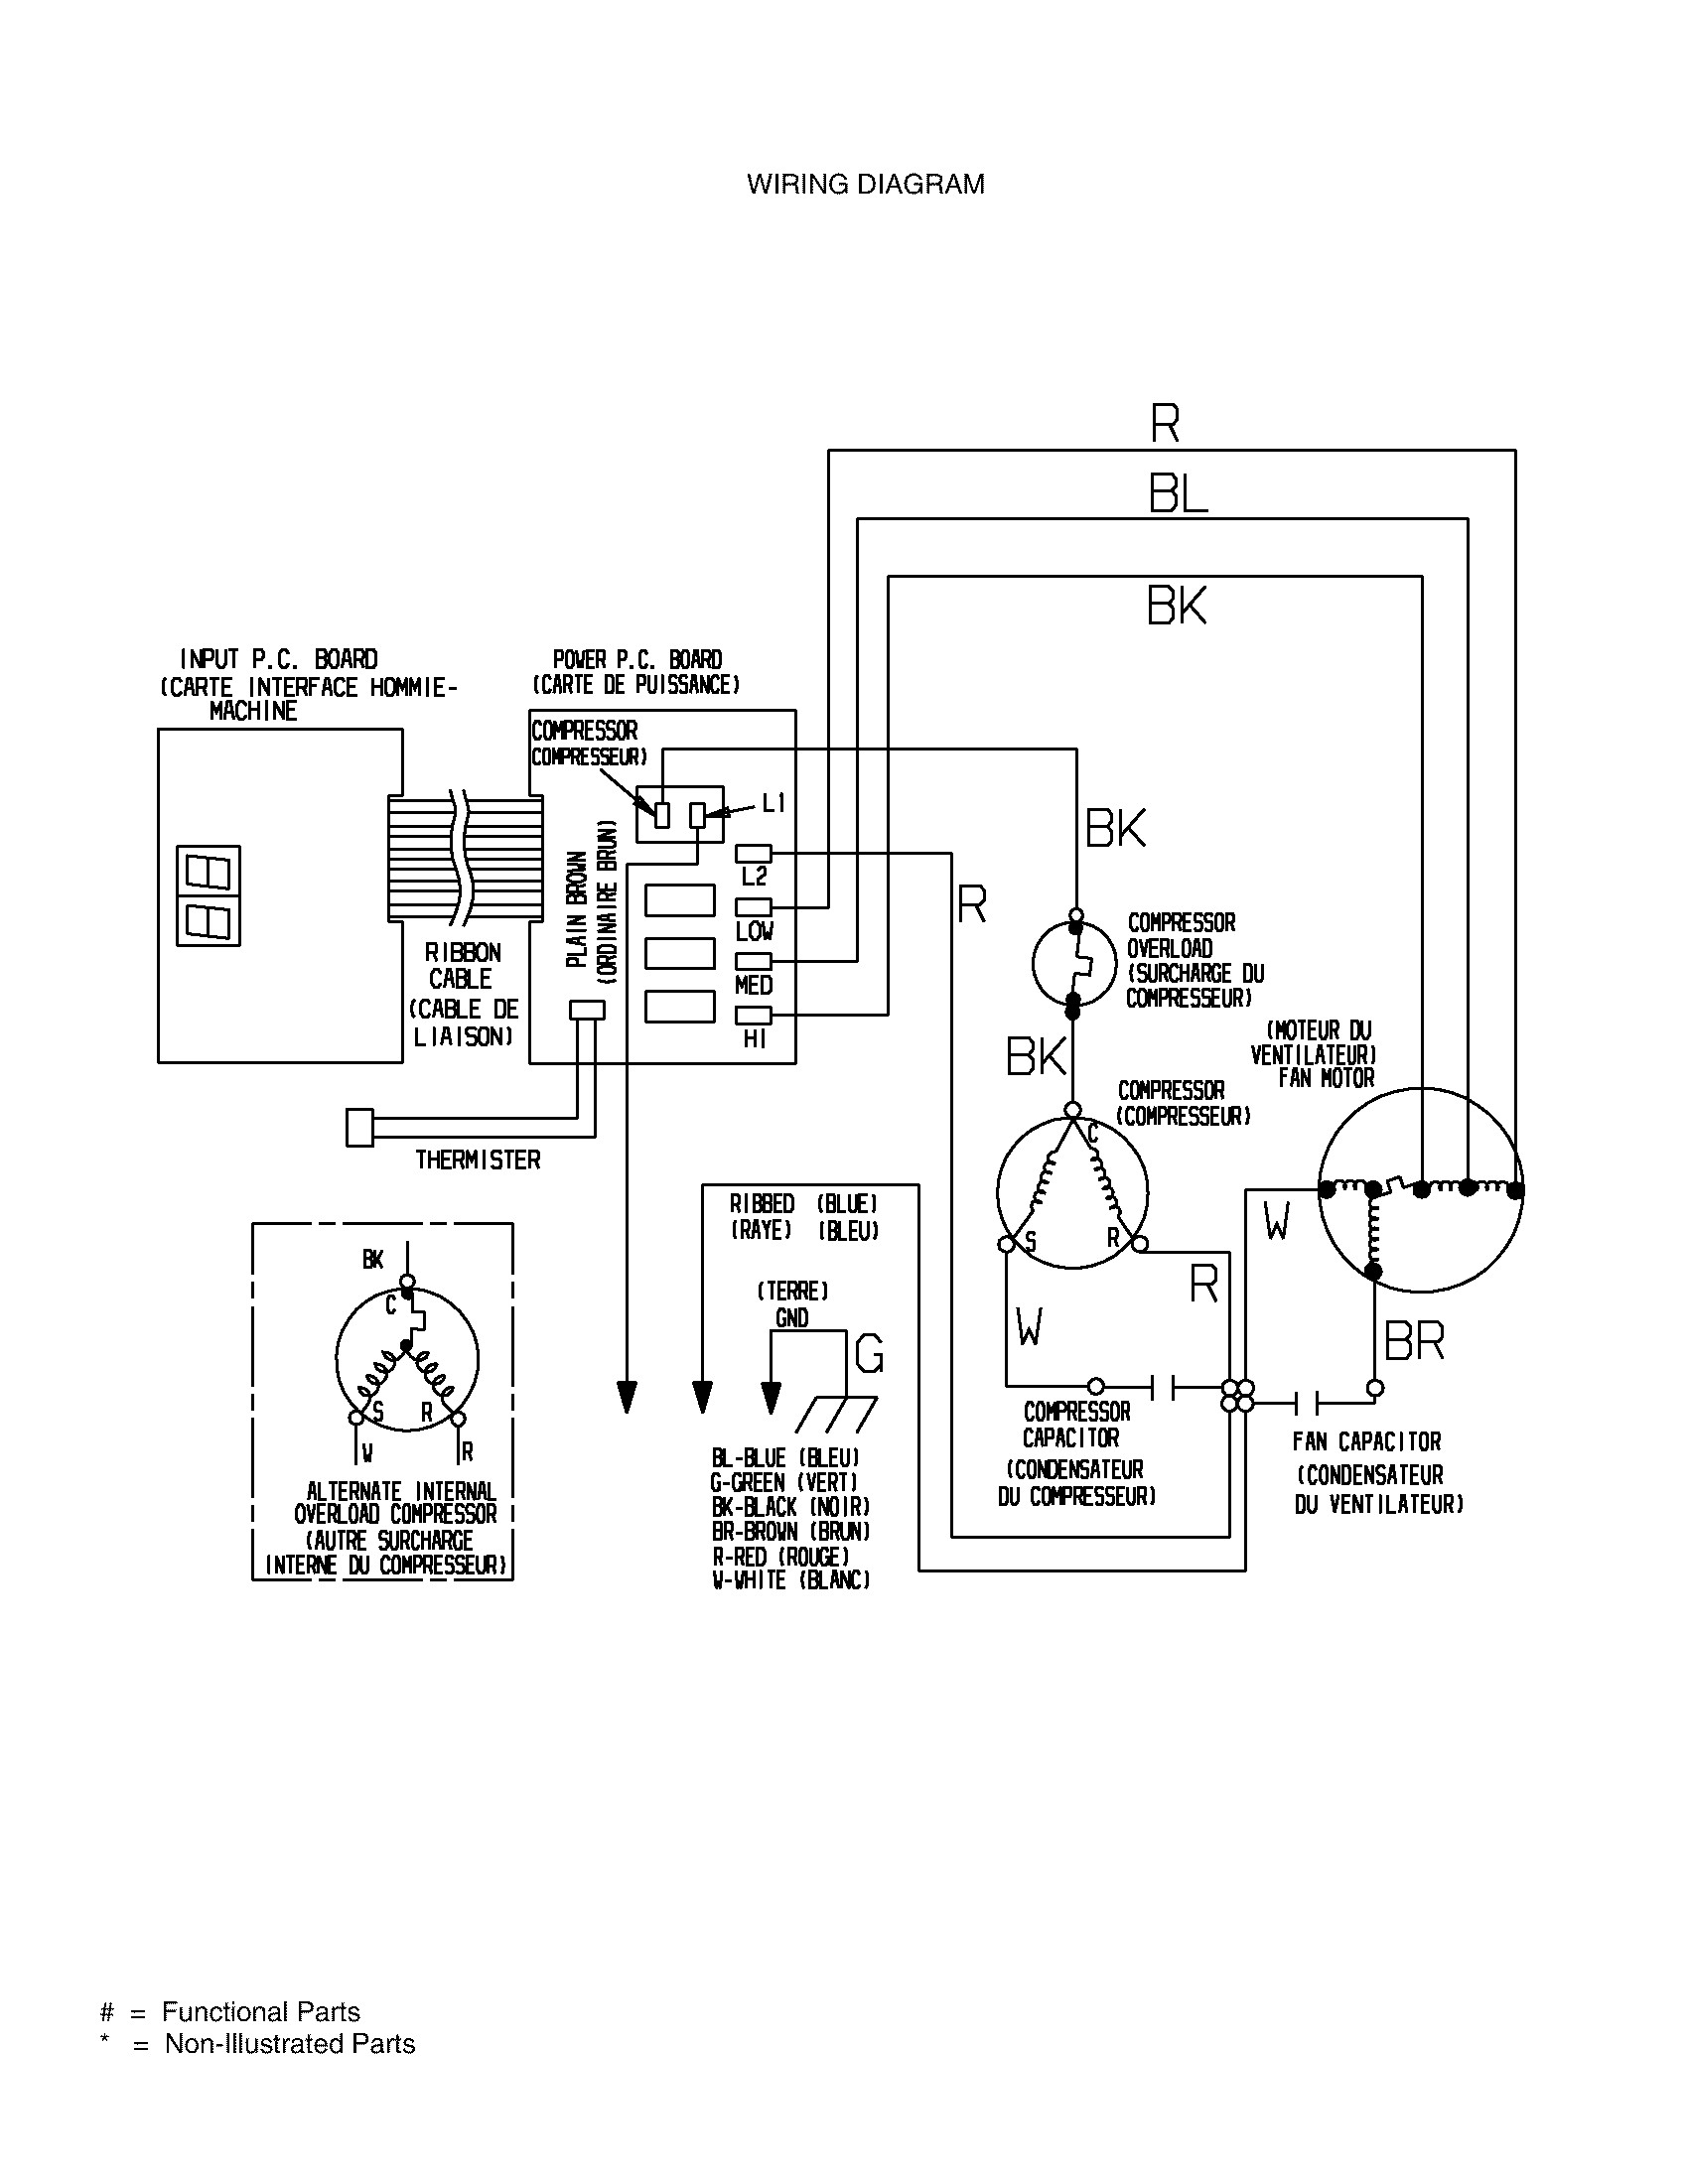 Car Air Conditioning Diagram Coleman Rv Air Conditioner Wiring Diagram – Wire Diagram Of Car Air Conditioning Diagram